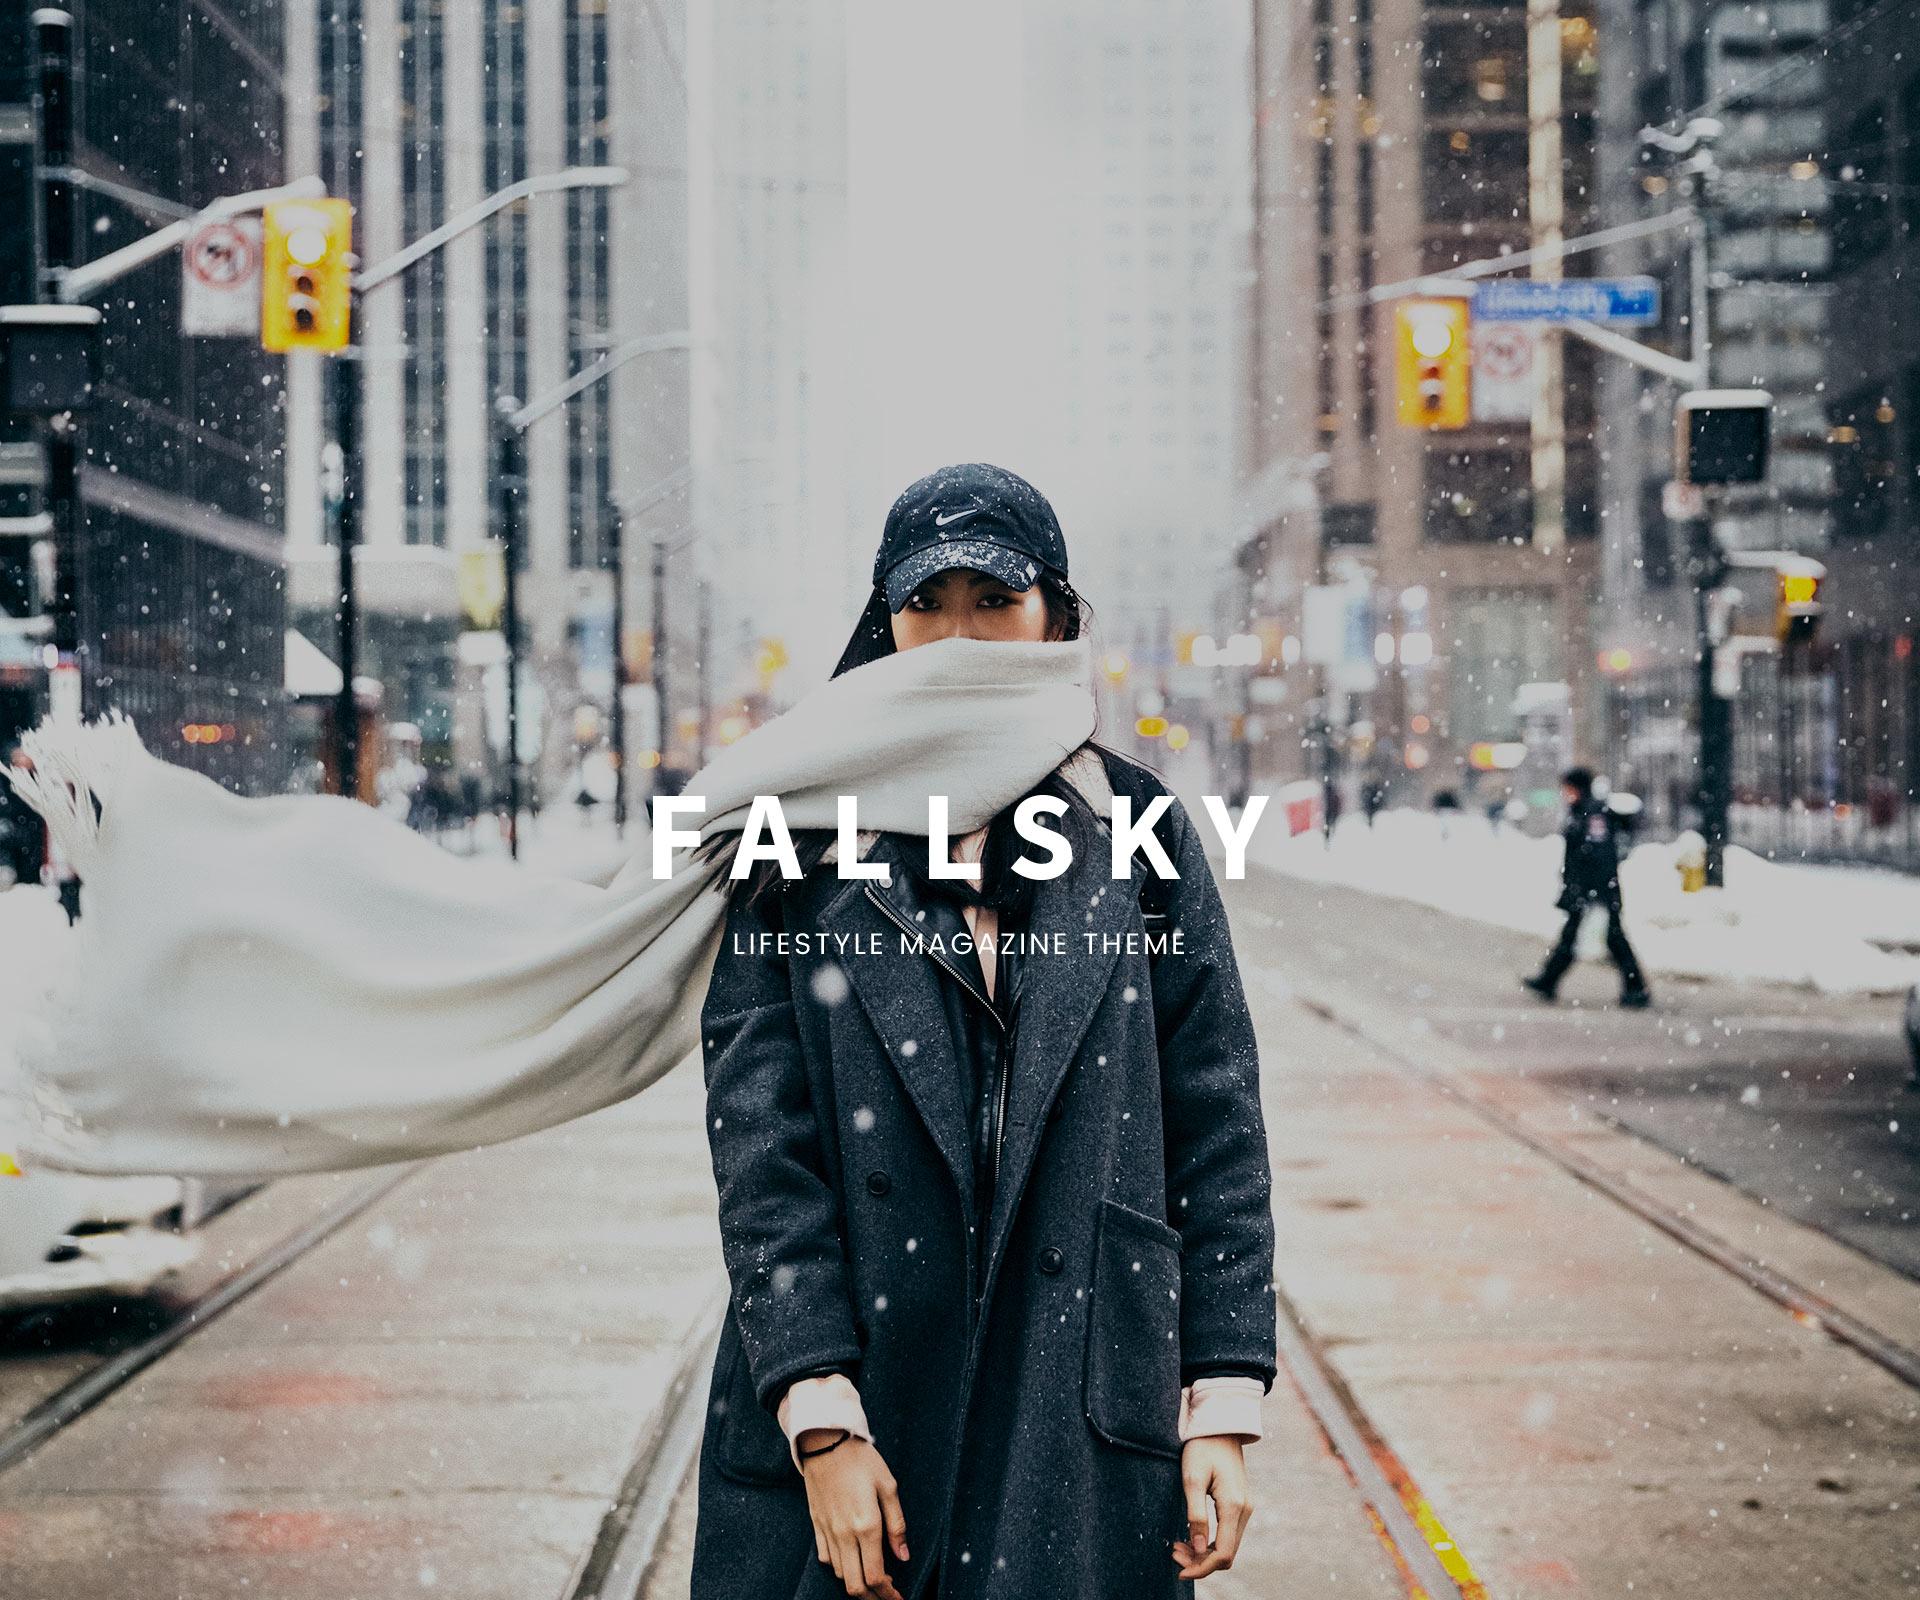 fullsize-fallsky-magazine